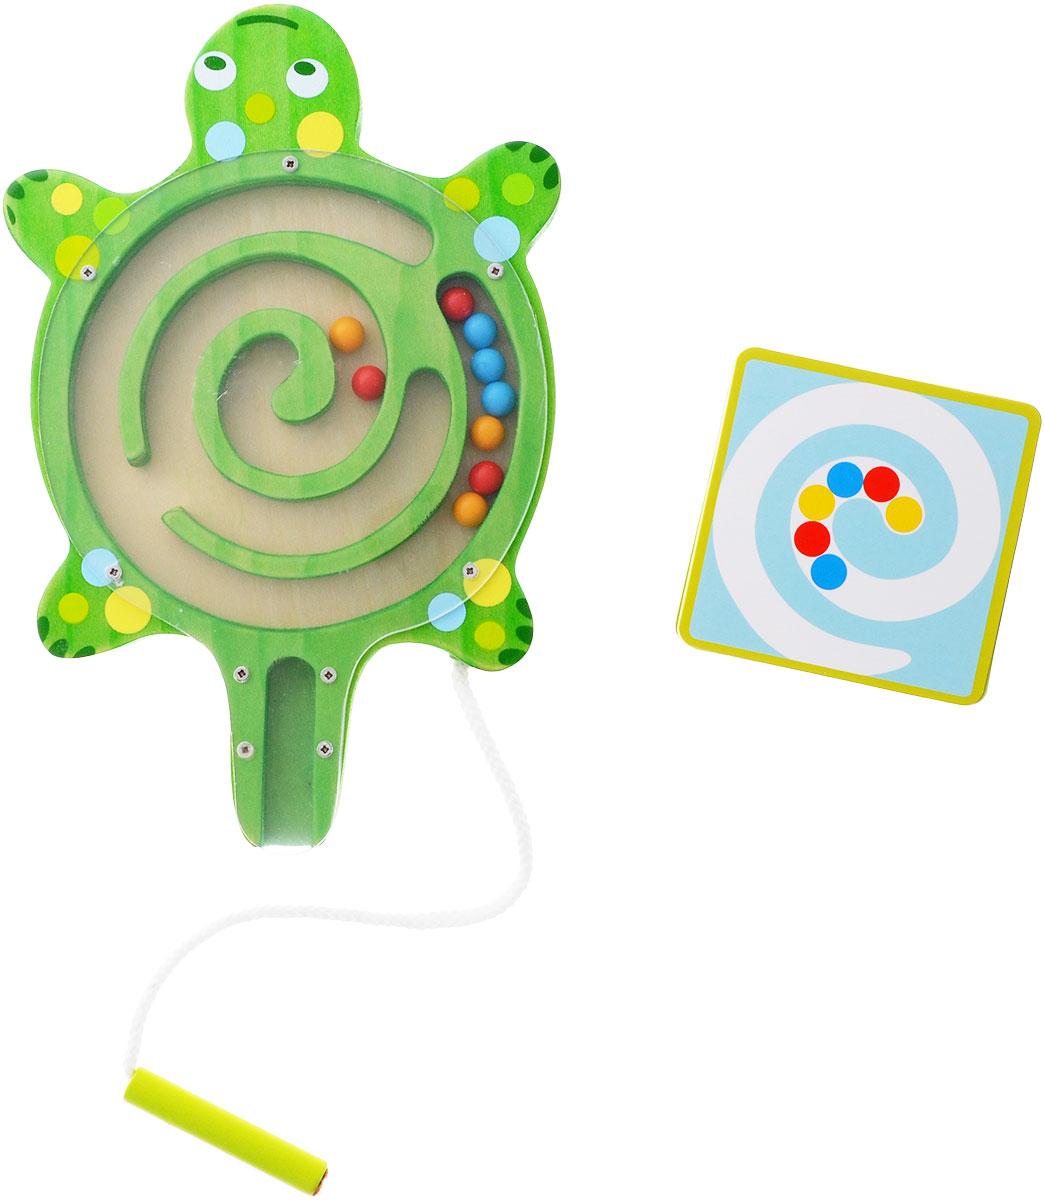 Djeco Развивающая игрушка Лабиринт Черепаха djeco настольная игра лабиринт черепаха djeco